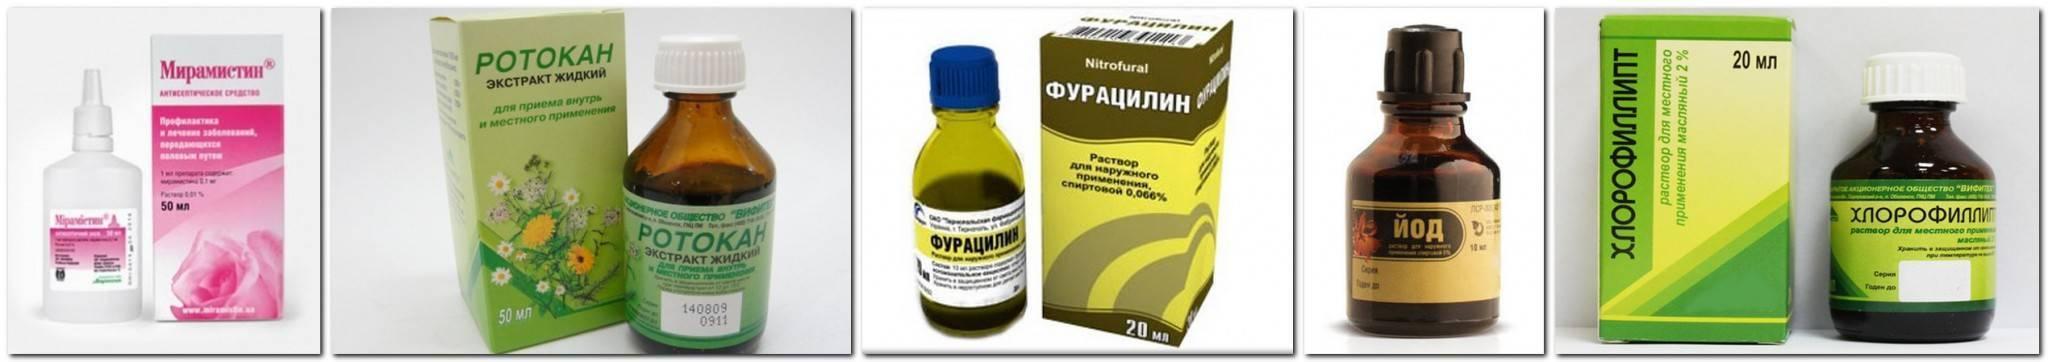 Ангина: быстрое лечение в домашних условиях - горлонос.ру